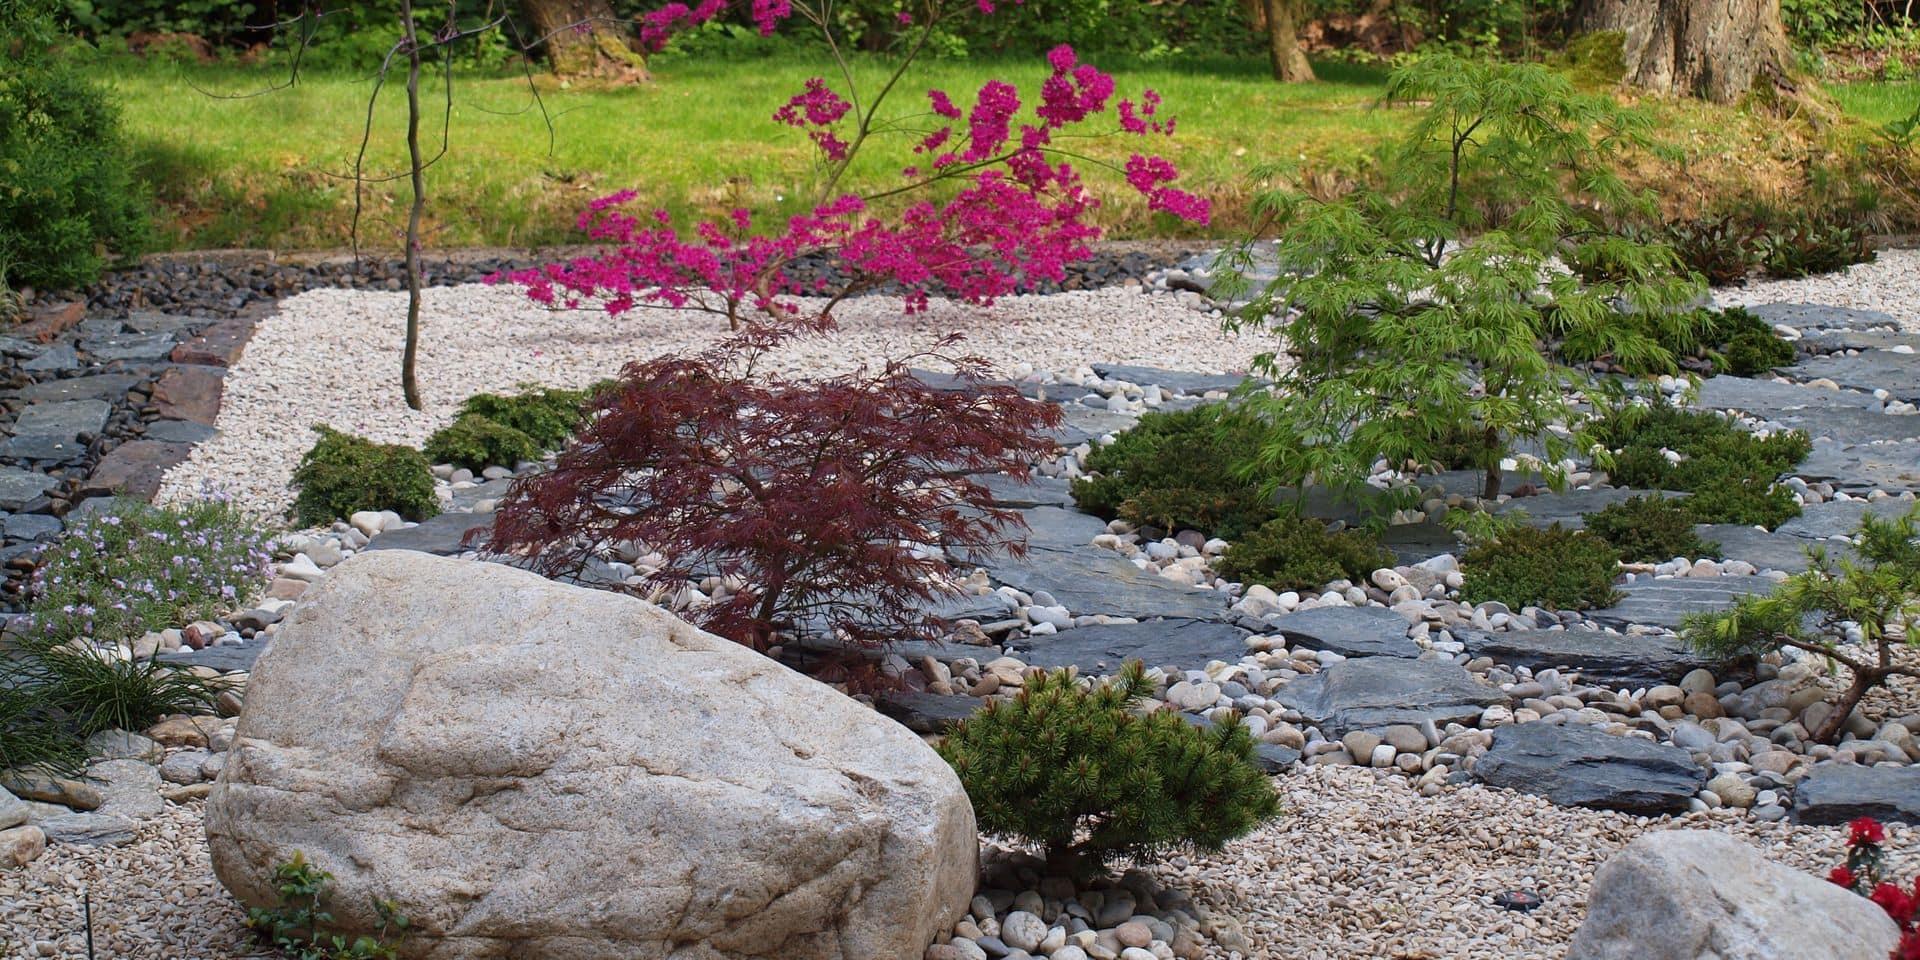 Jardin zen et d'inspiration japonaise : ce qu'il faut savoir